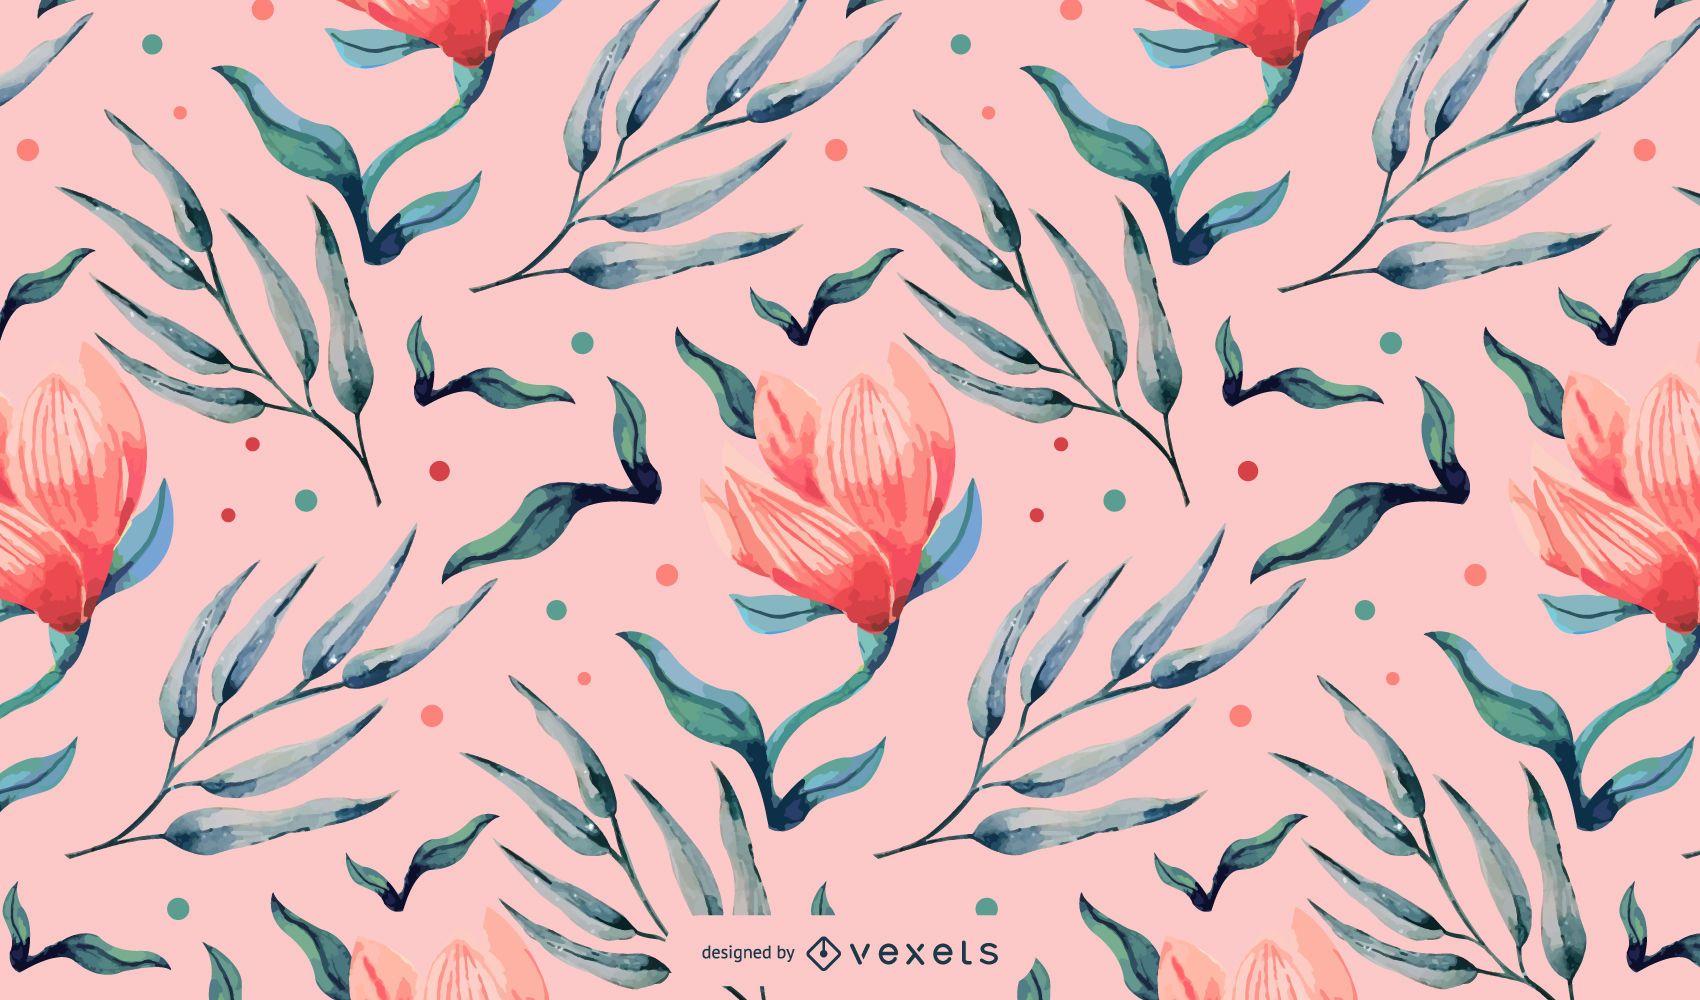 Diseño floral de patrón de acuarela rosa